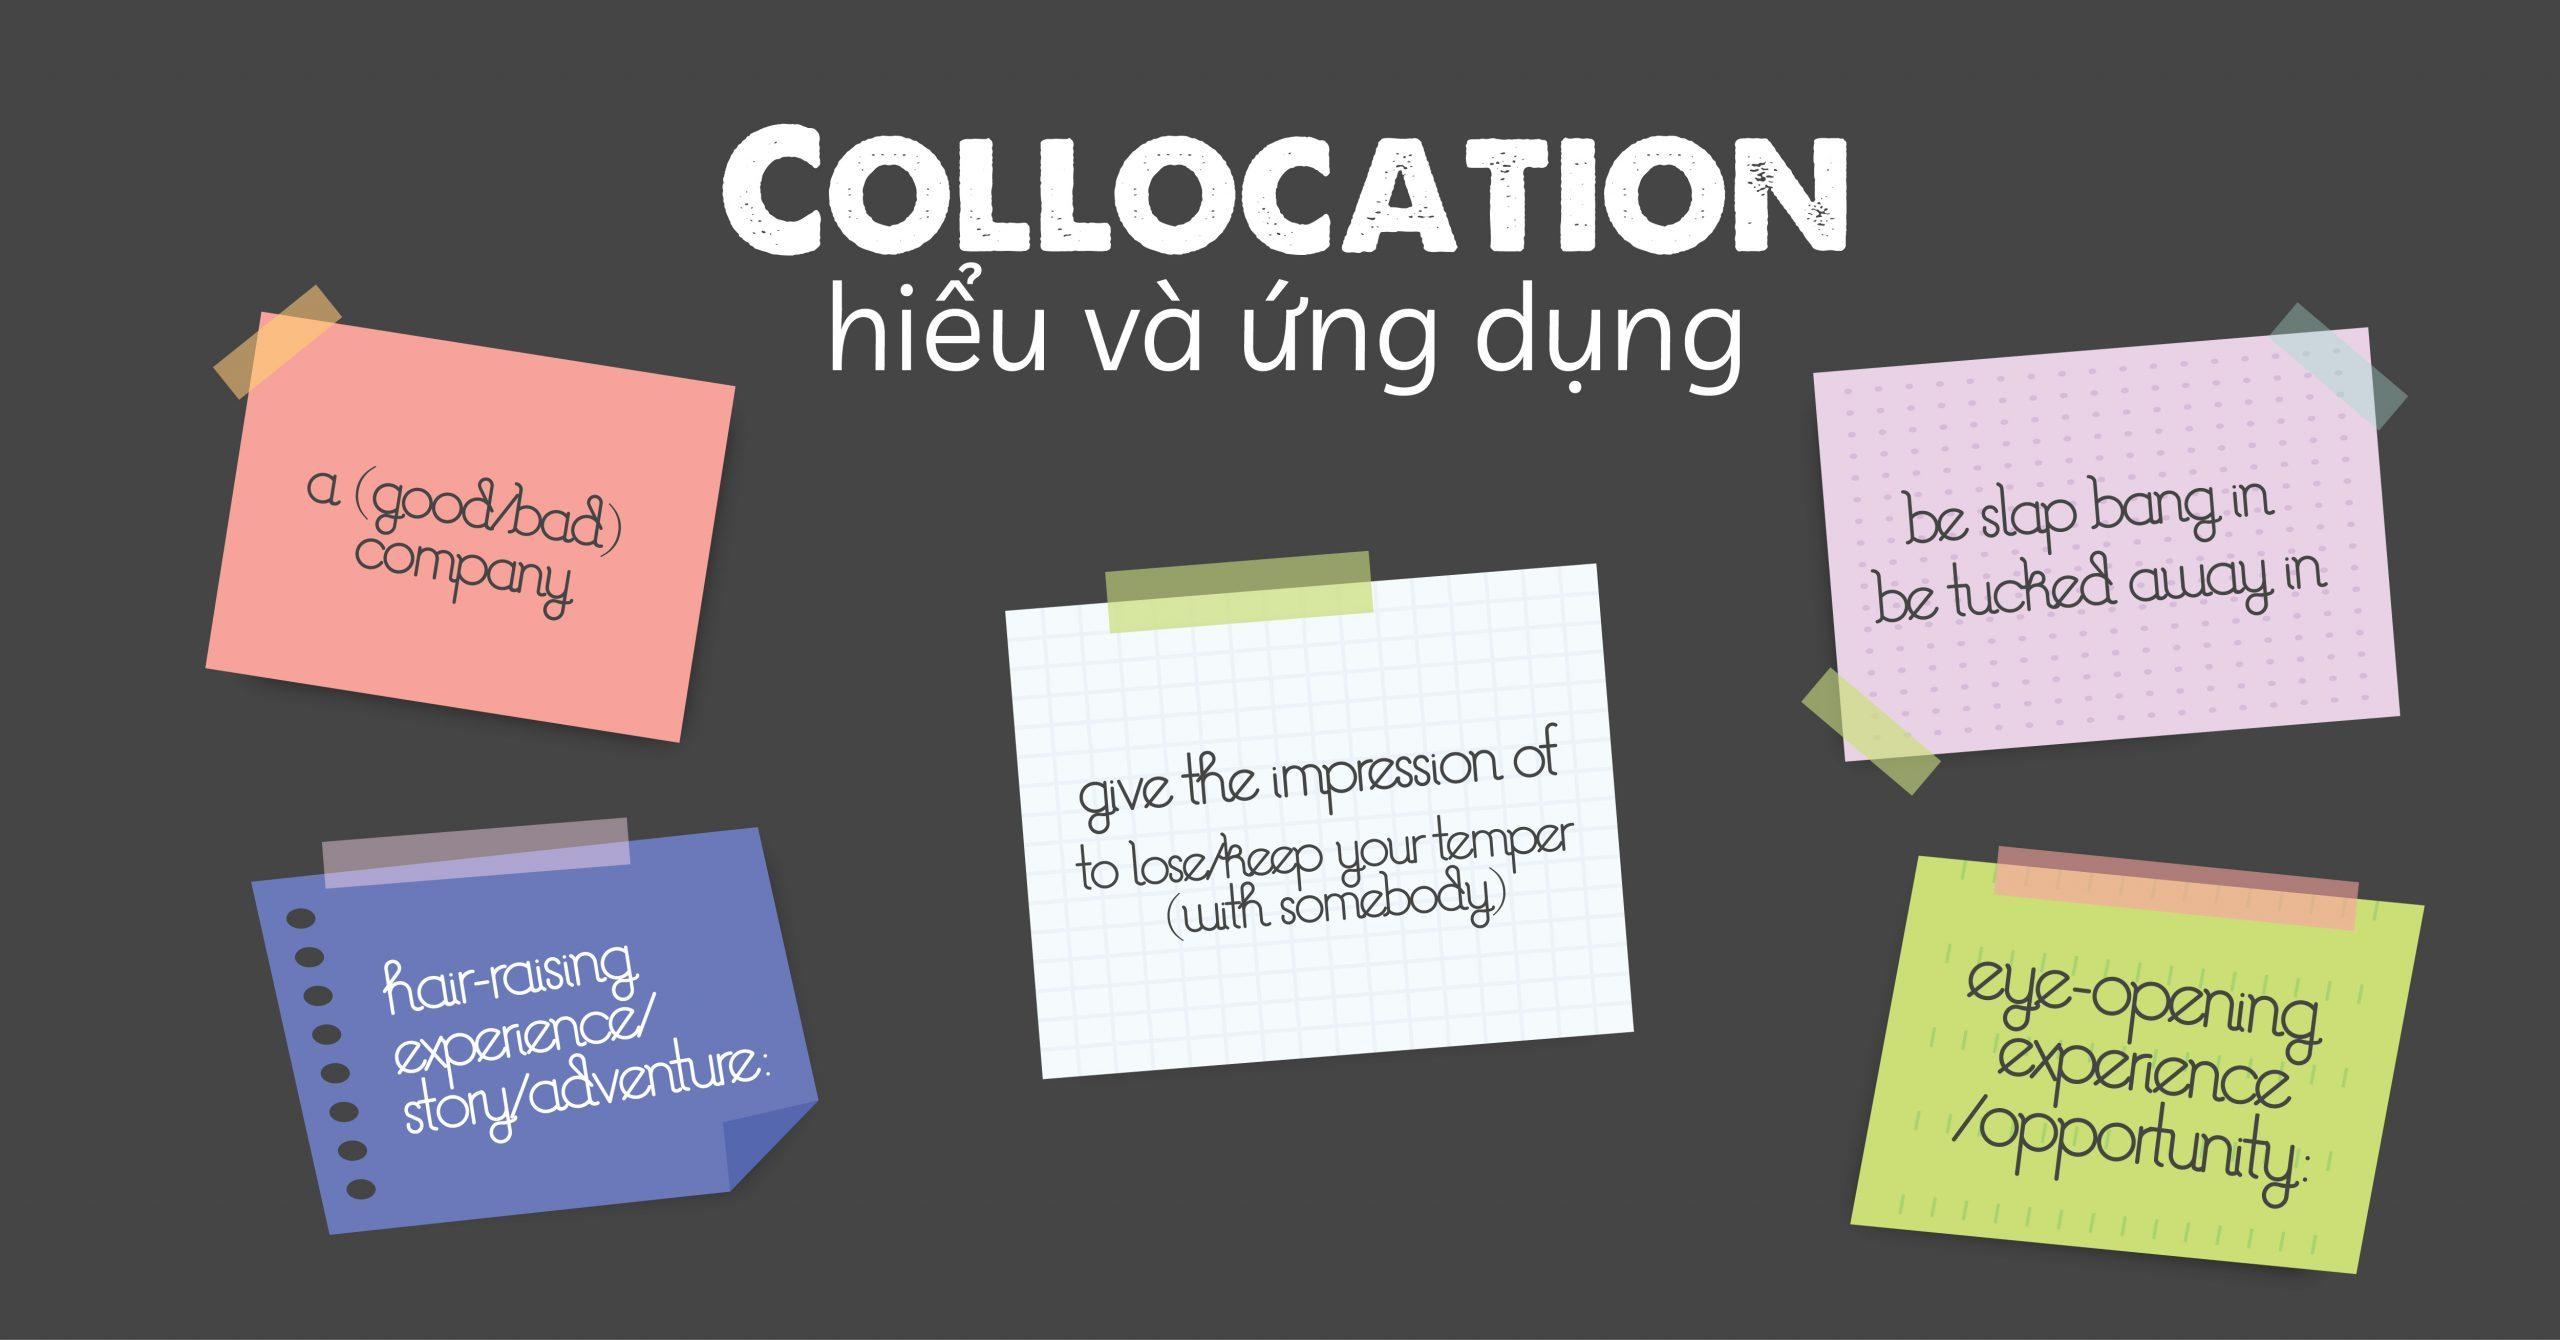 Ví dụ về Collocation thường gặp